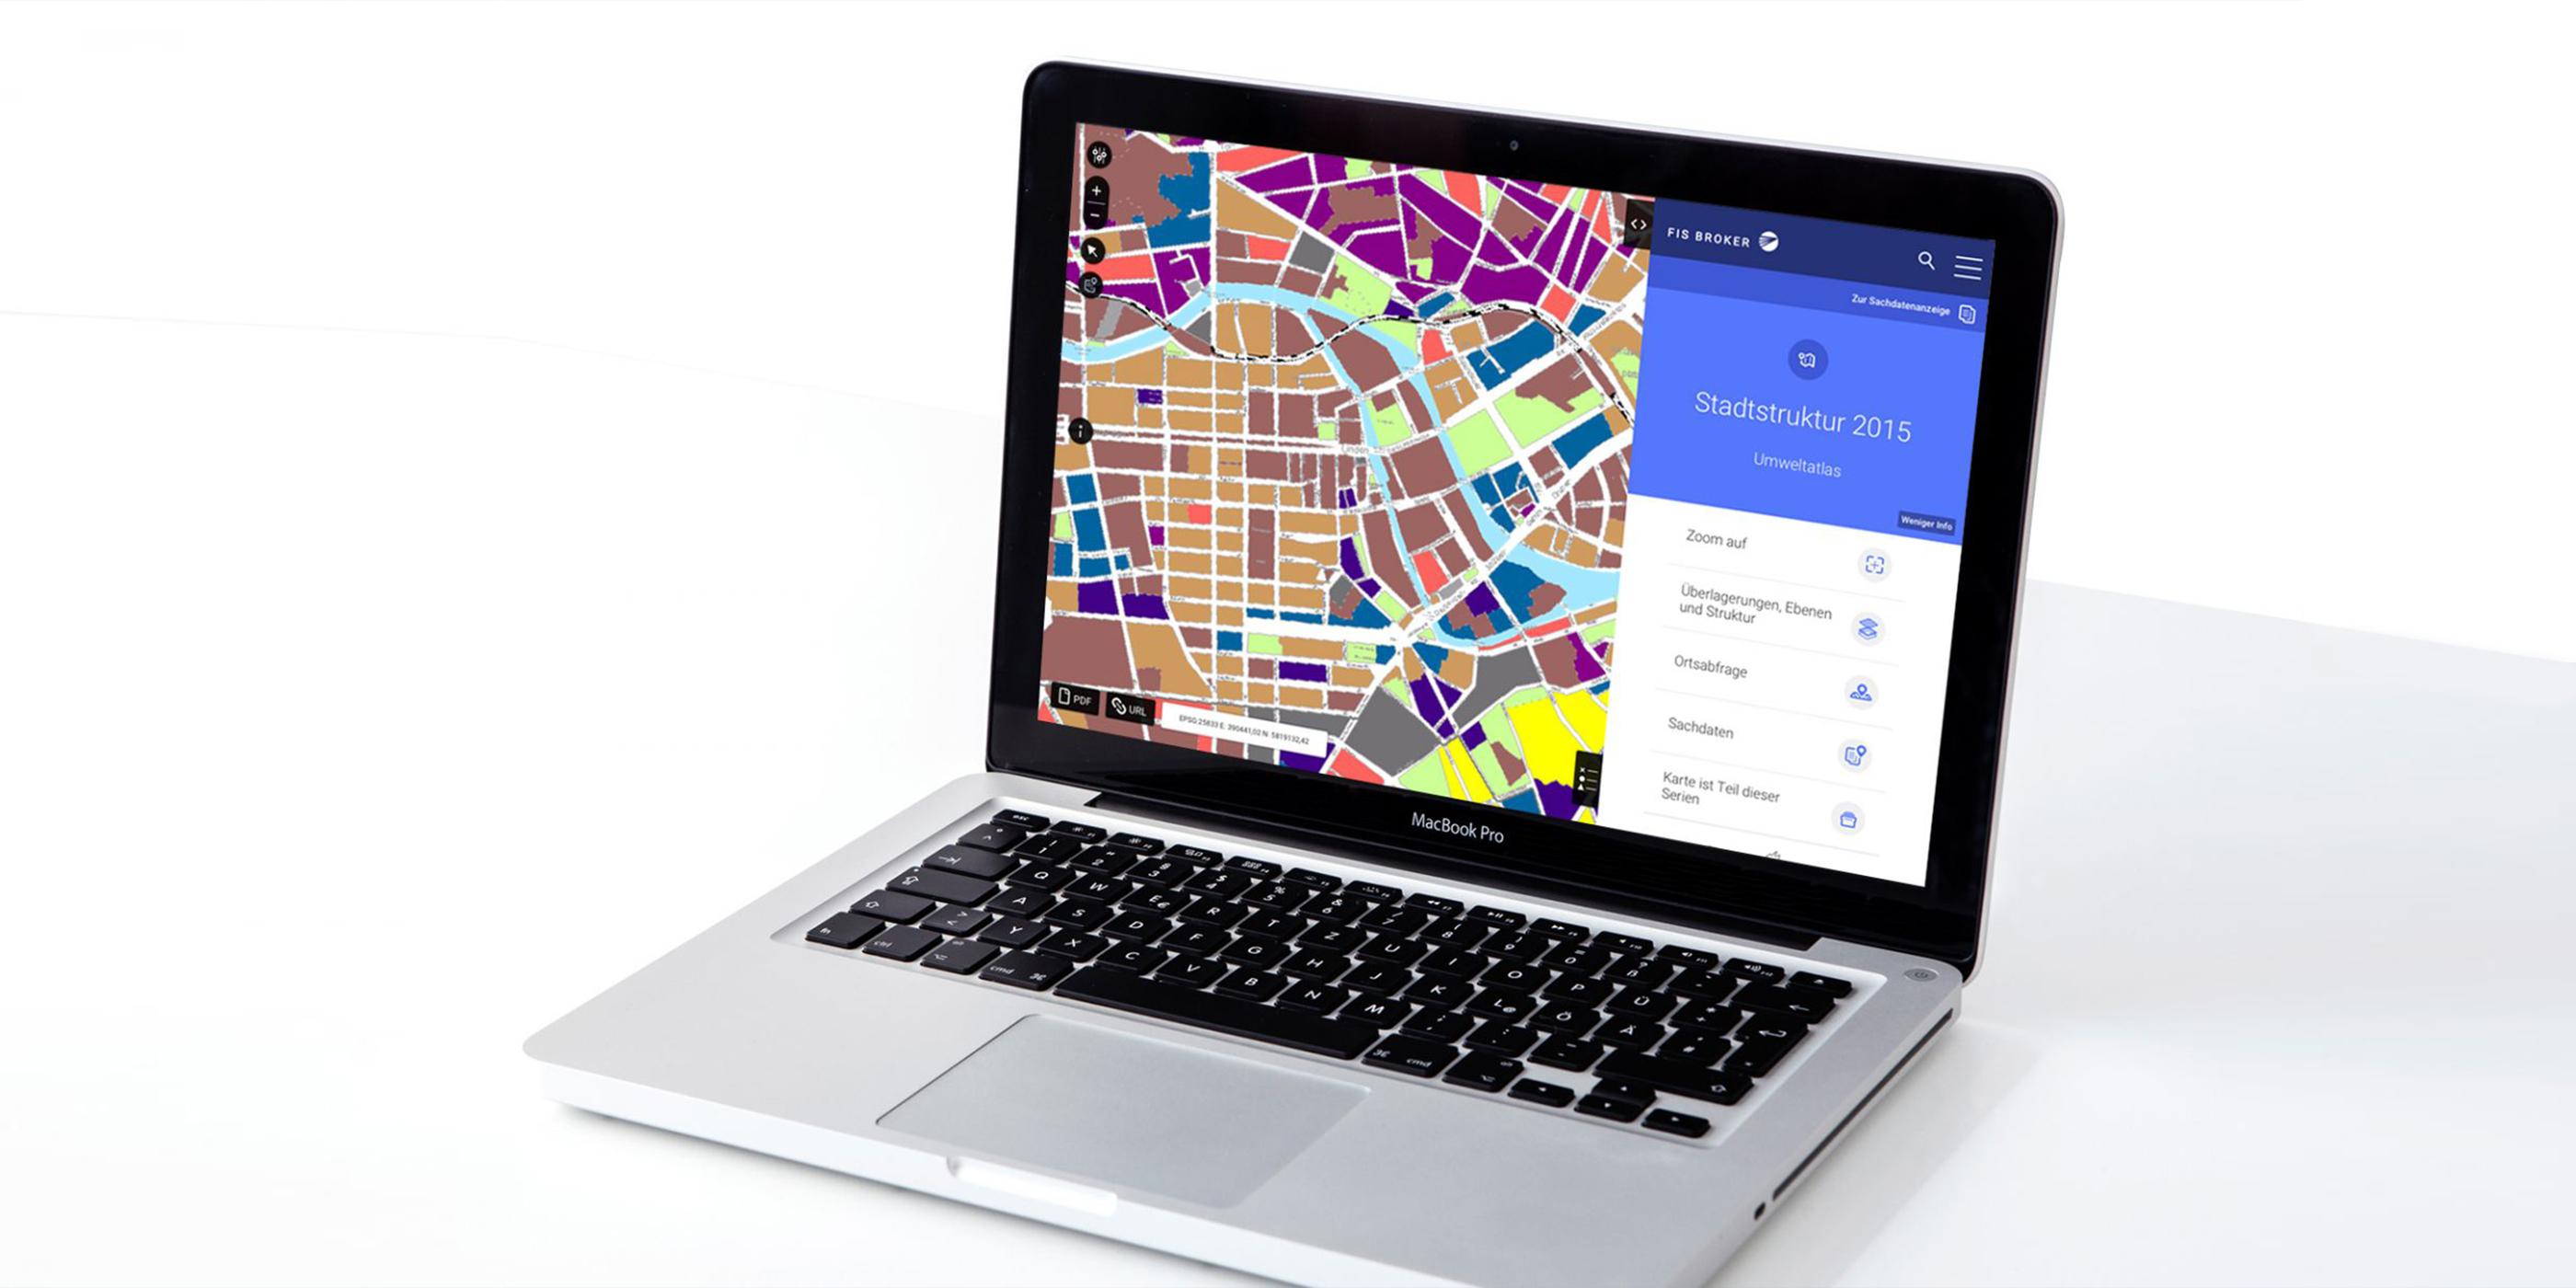 MacBook aufgeklappt, bunter Screen von Geoportal Berlin